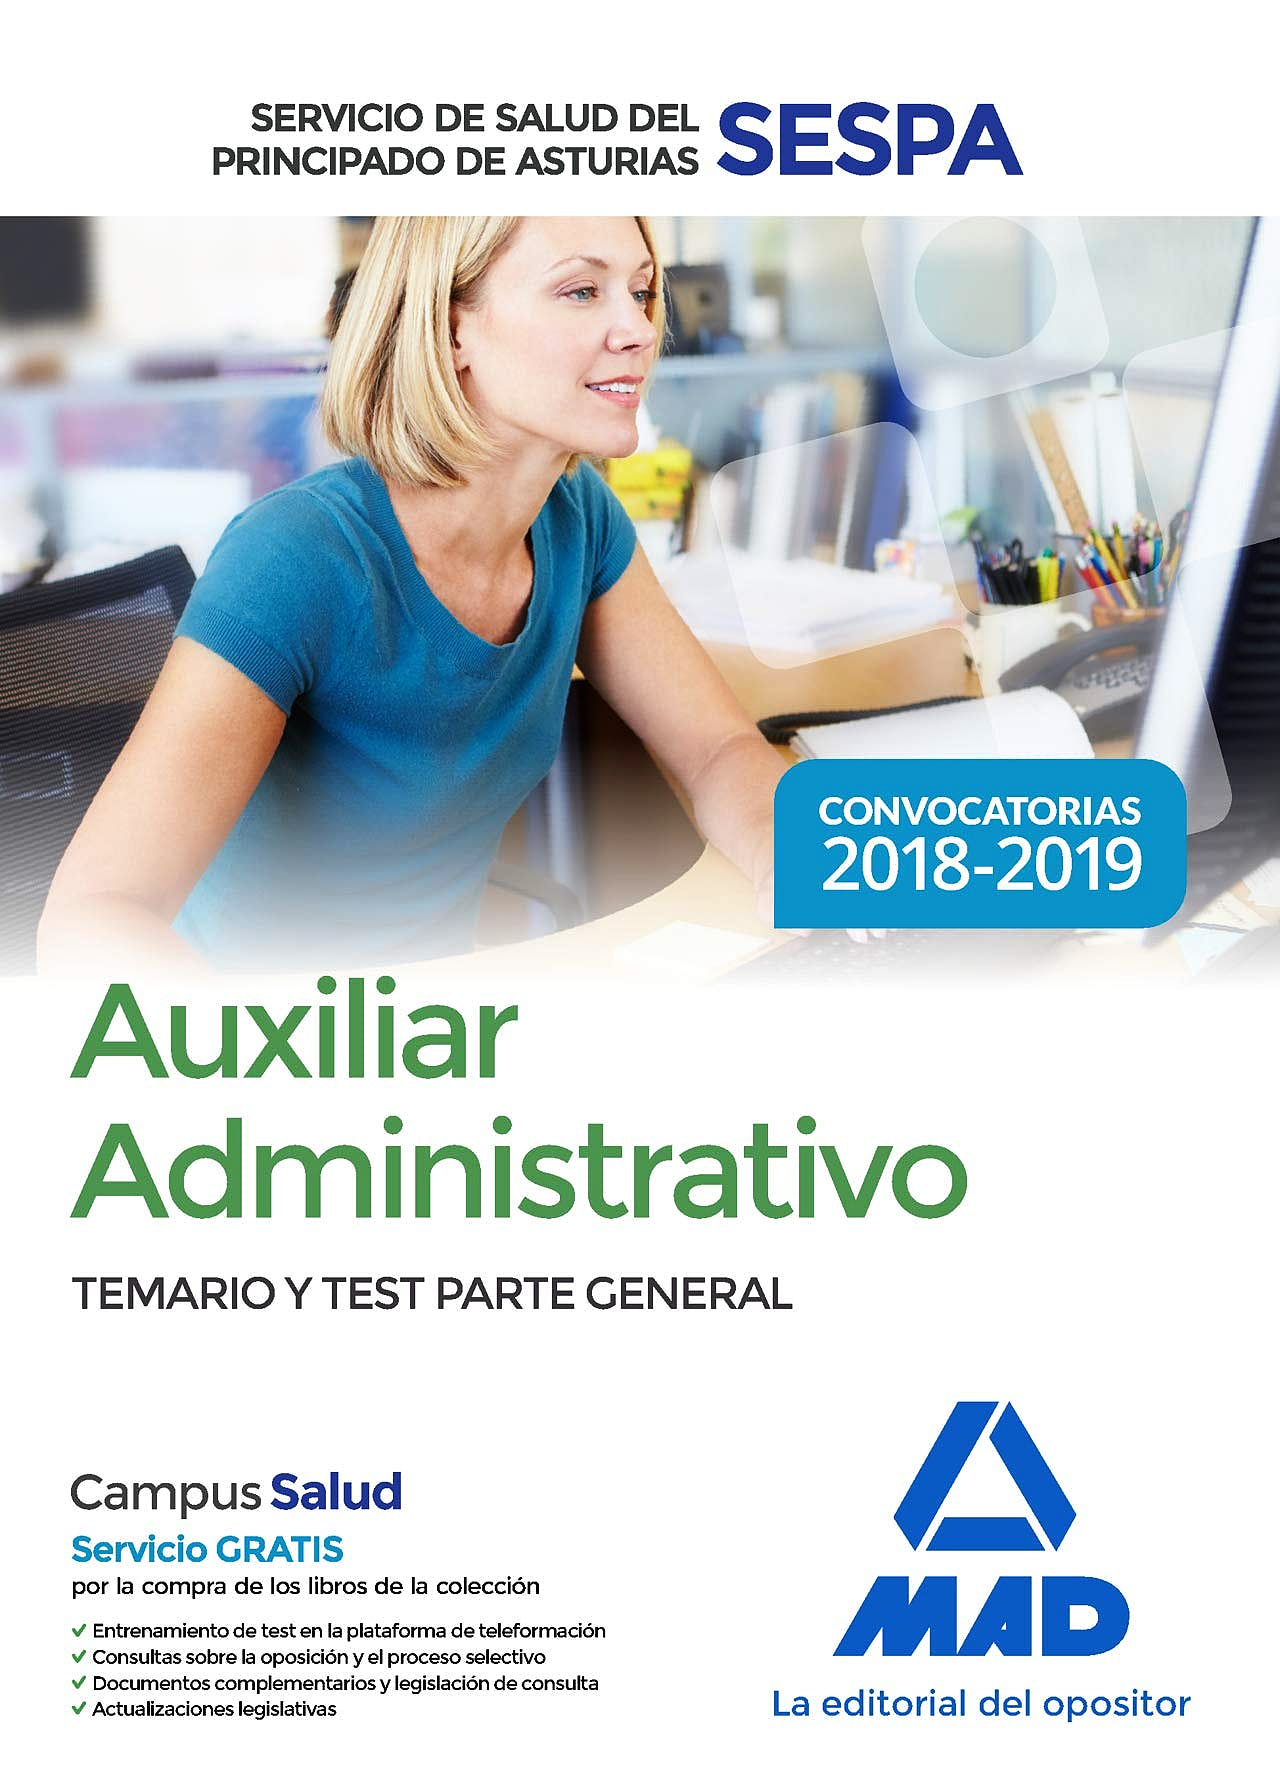 Portada del libro 9788414220429 Auxiliar Administrativo Servicio de Salud del Principado de Asturias (SESPA). Temario y Test Parte General